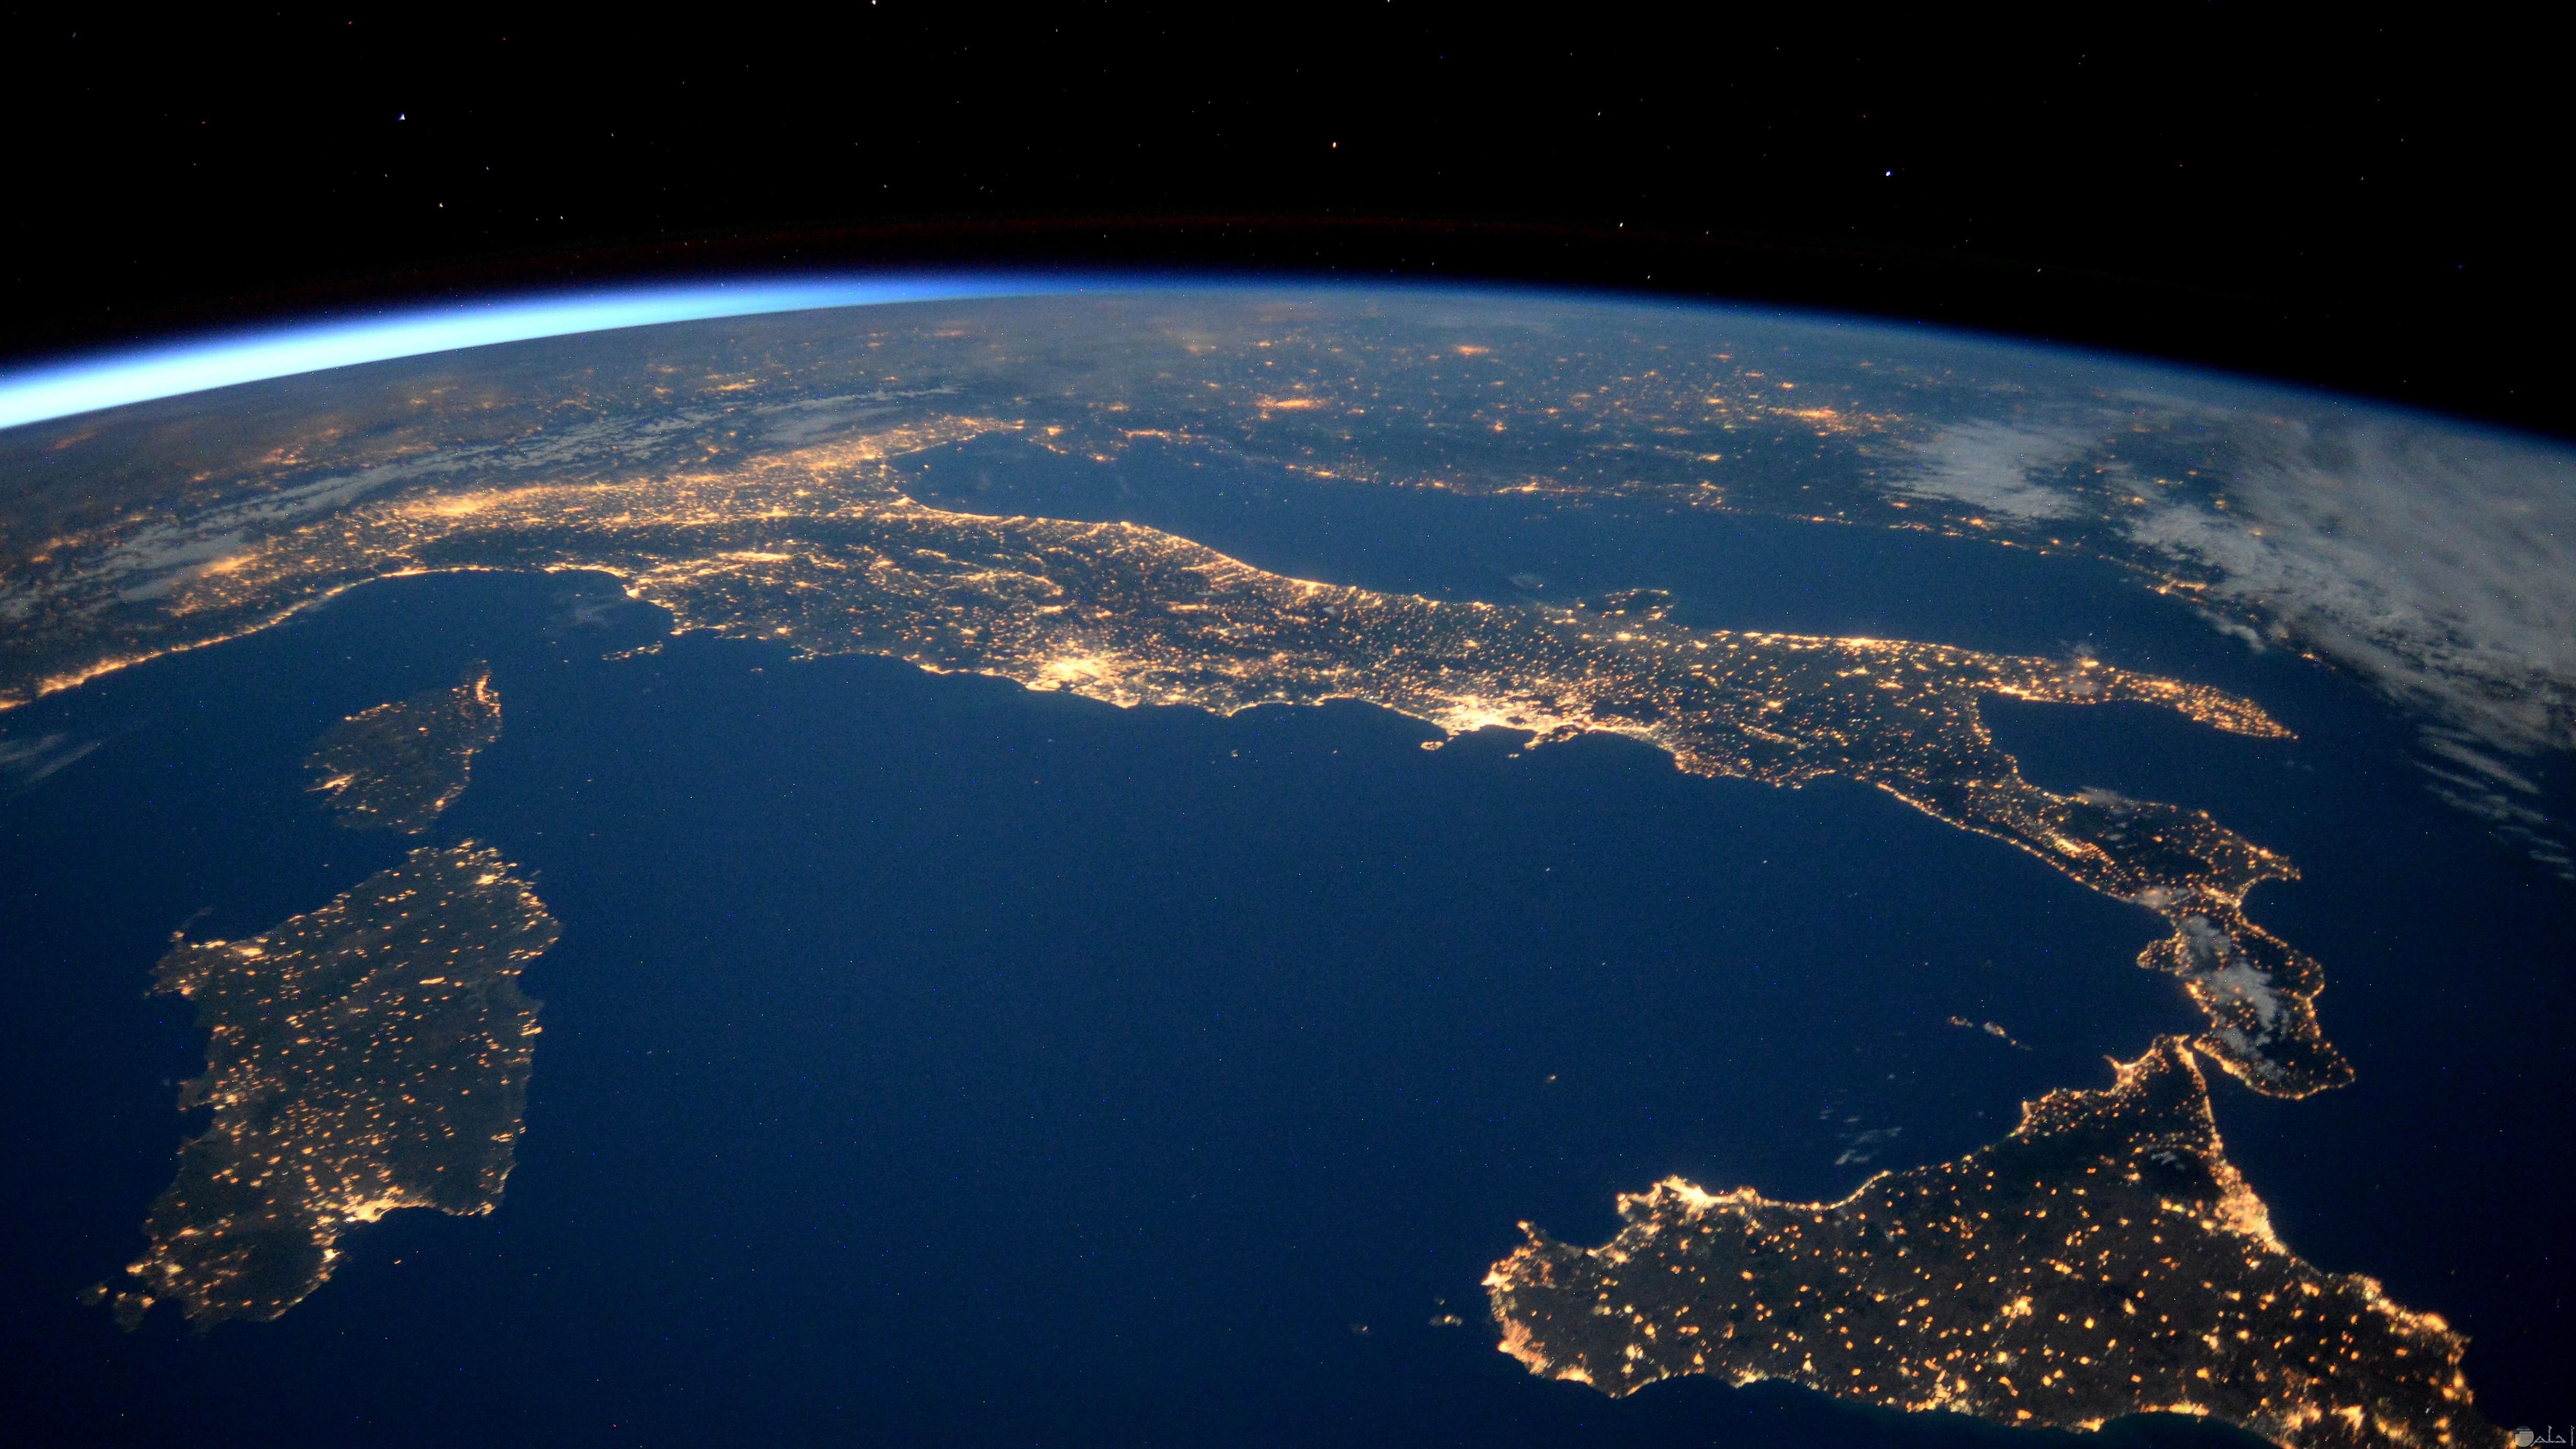 صورة مضيئة لكوكب الارض وظهور المسطحات المائية بشكل جميل